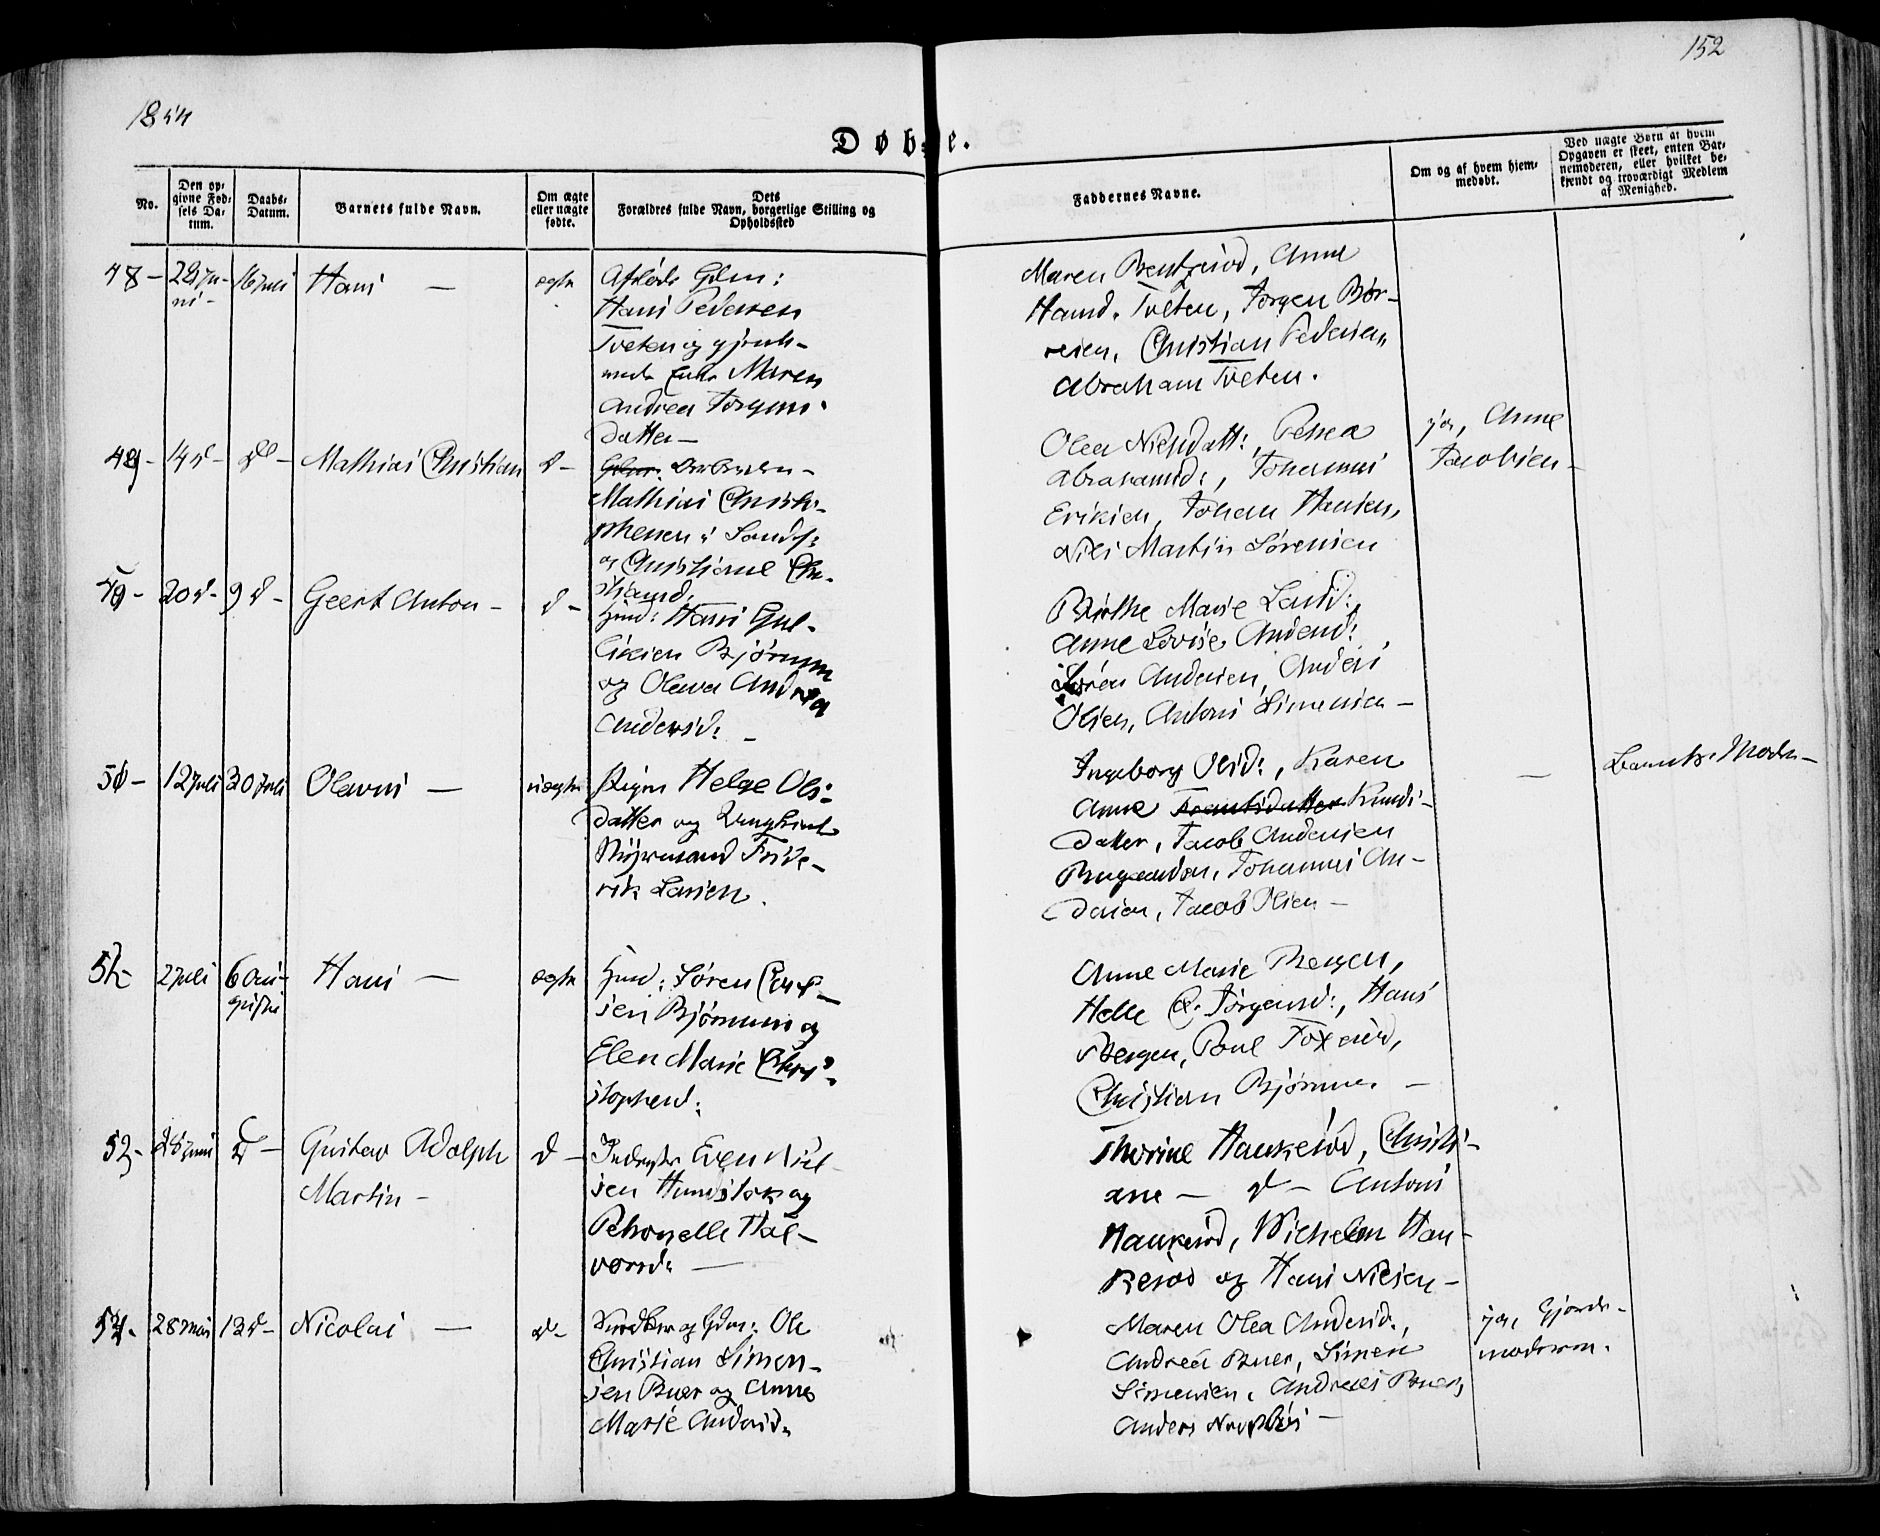 SAKO, Sandar kirkebøker, F/Fa/L0006: Ministerialbok nr. 6, 1847-1860, s. 152